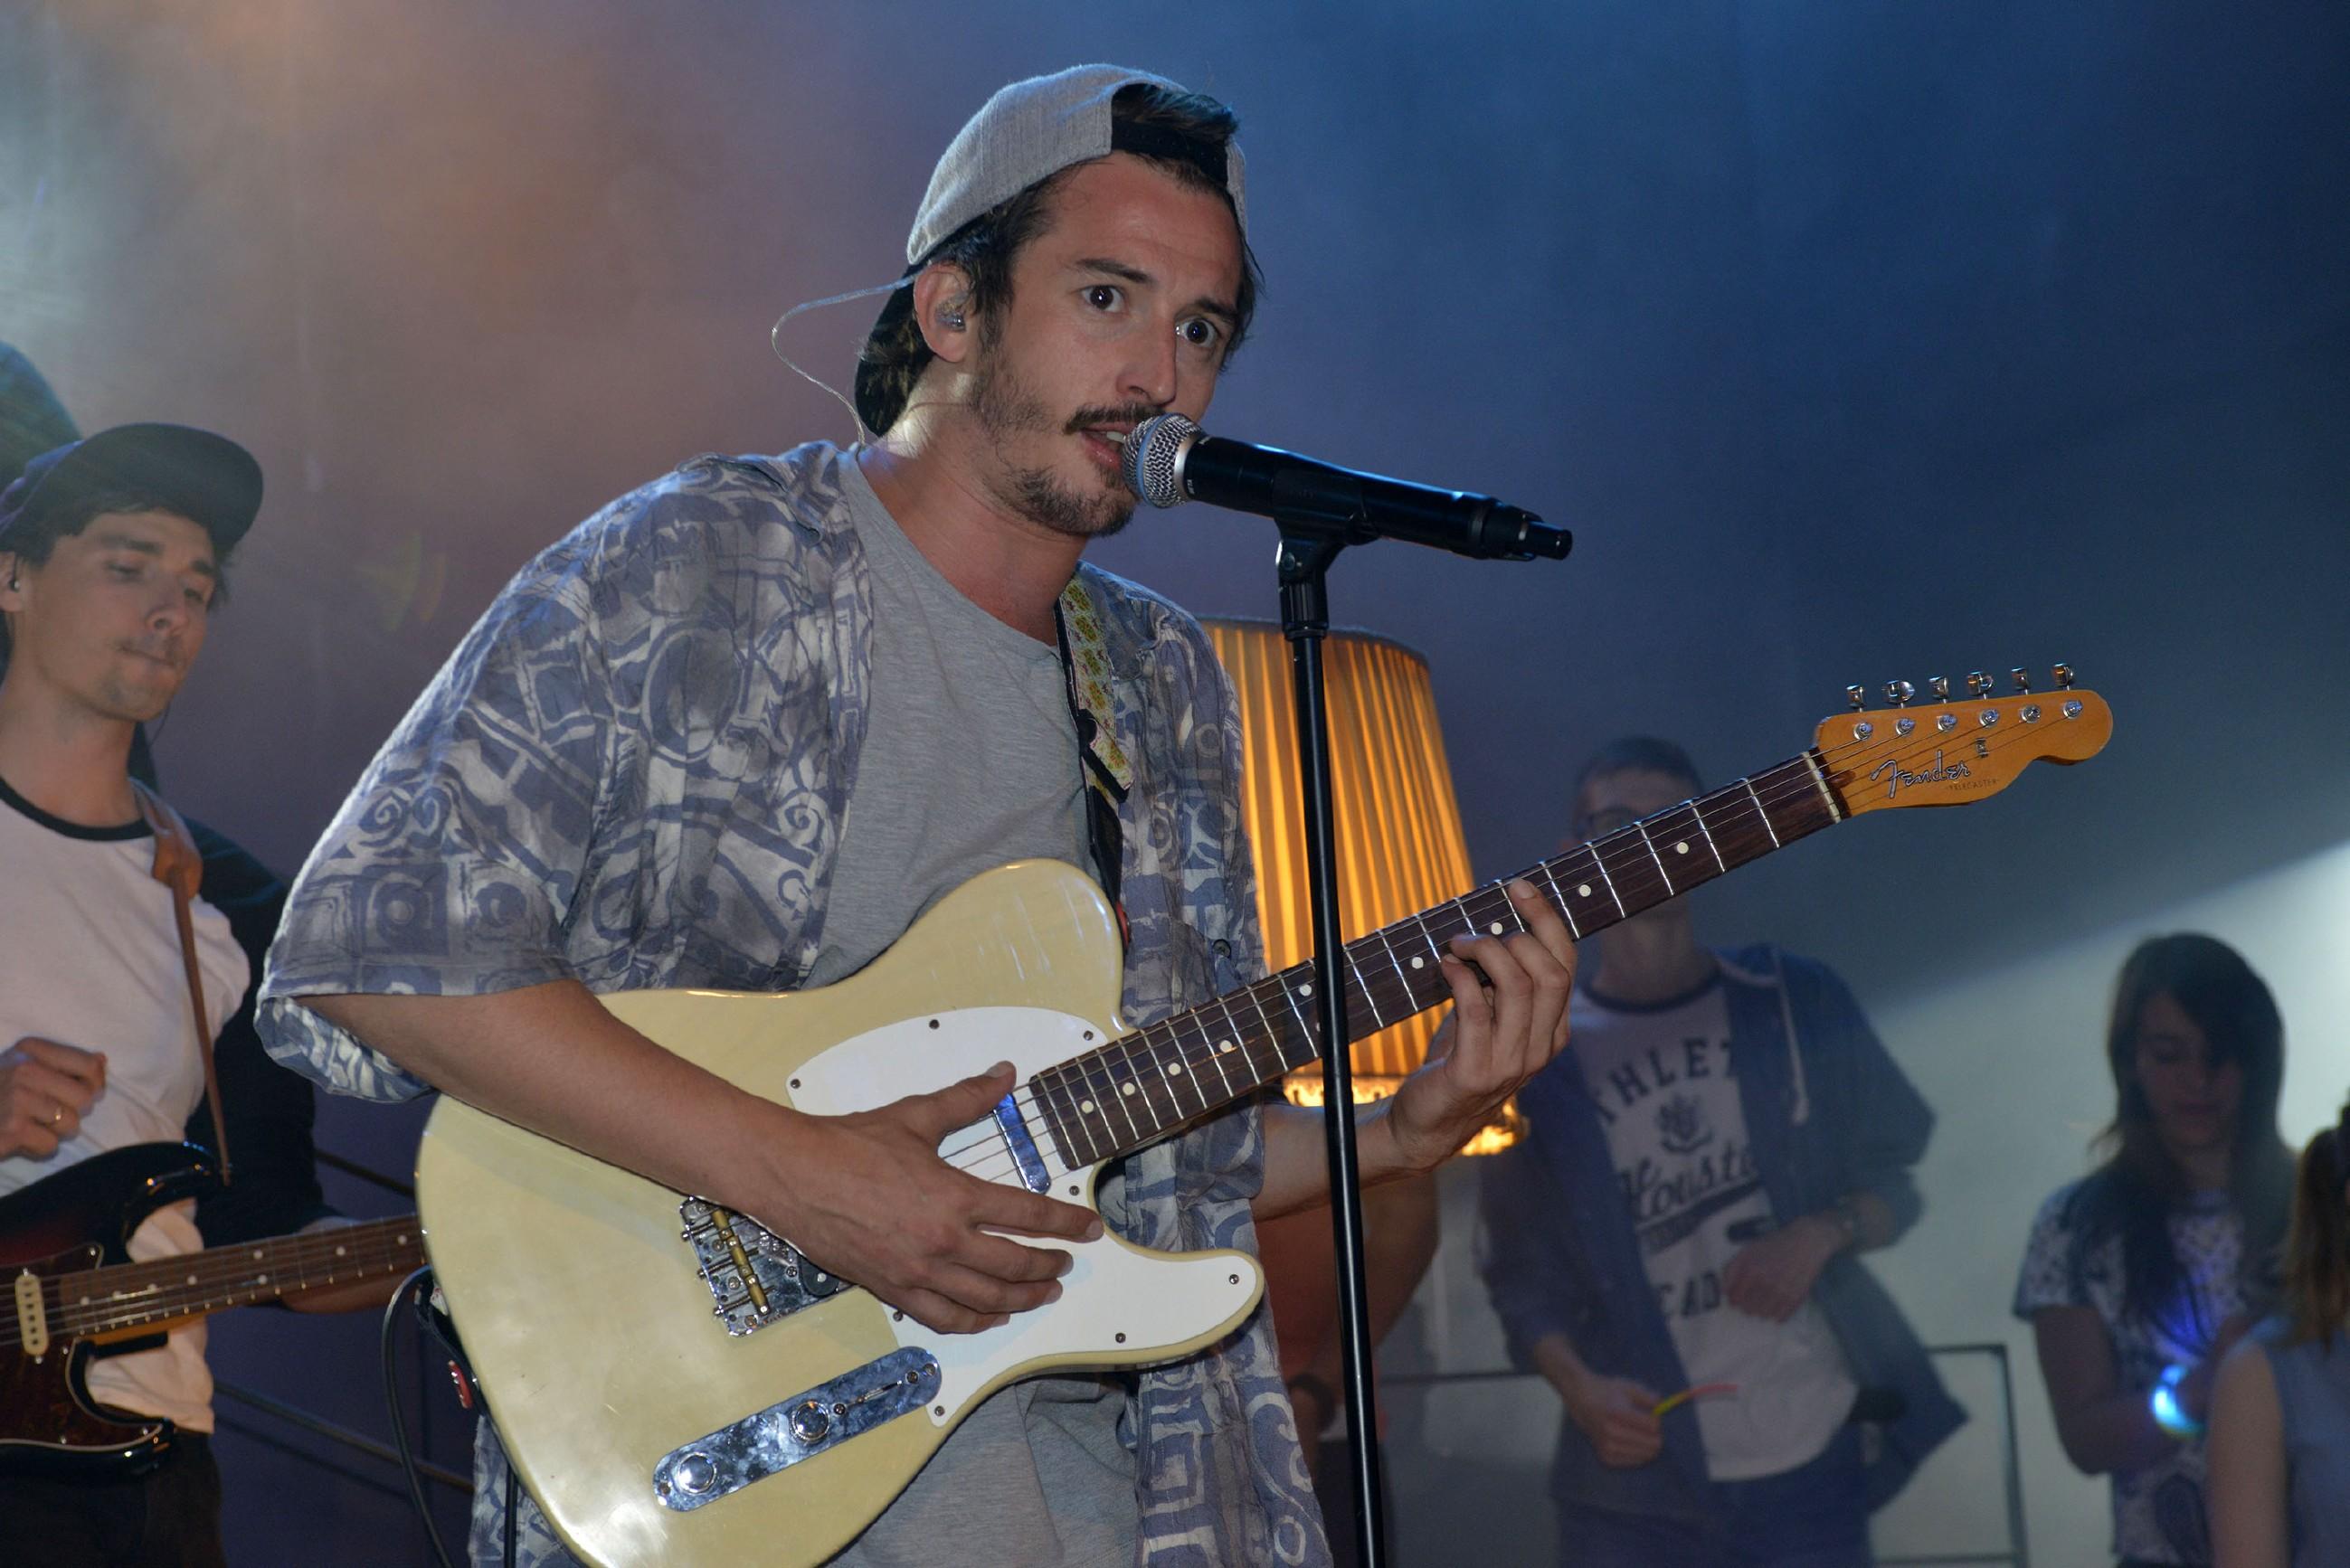 Der neuseeländische Singer-Songwriter Graham Candy gibt ein Konzert im Mauerwerk. (Quelle: RTL / Rolf Baumgartner)